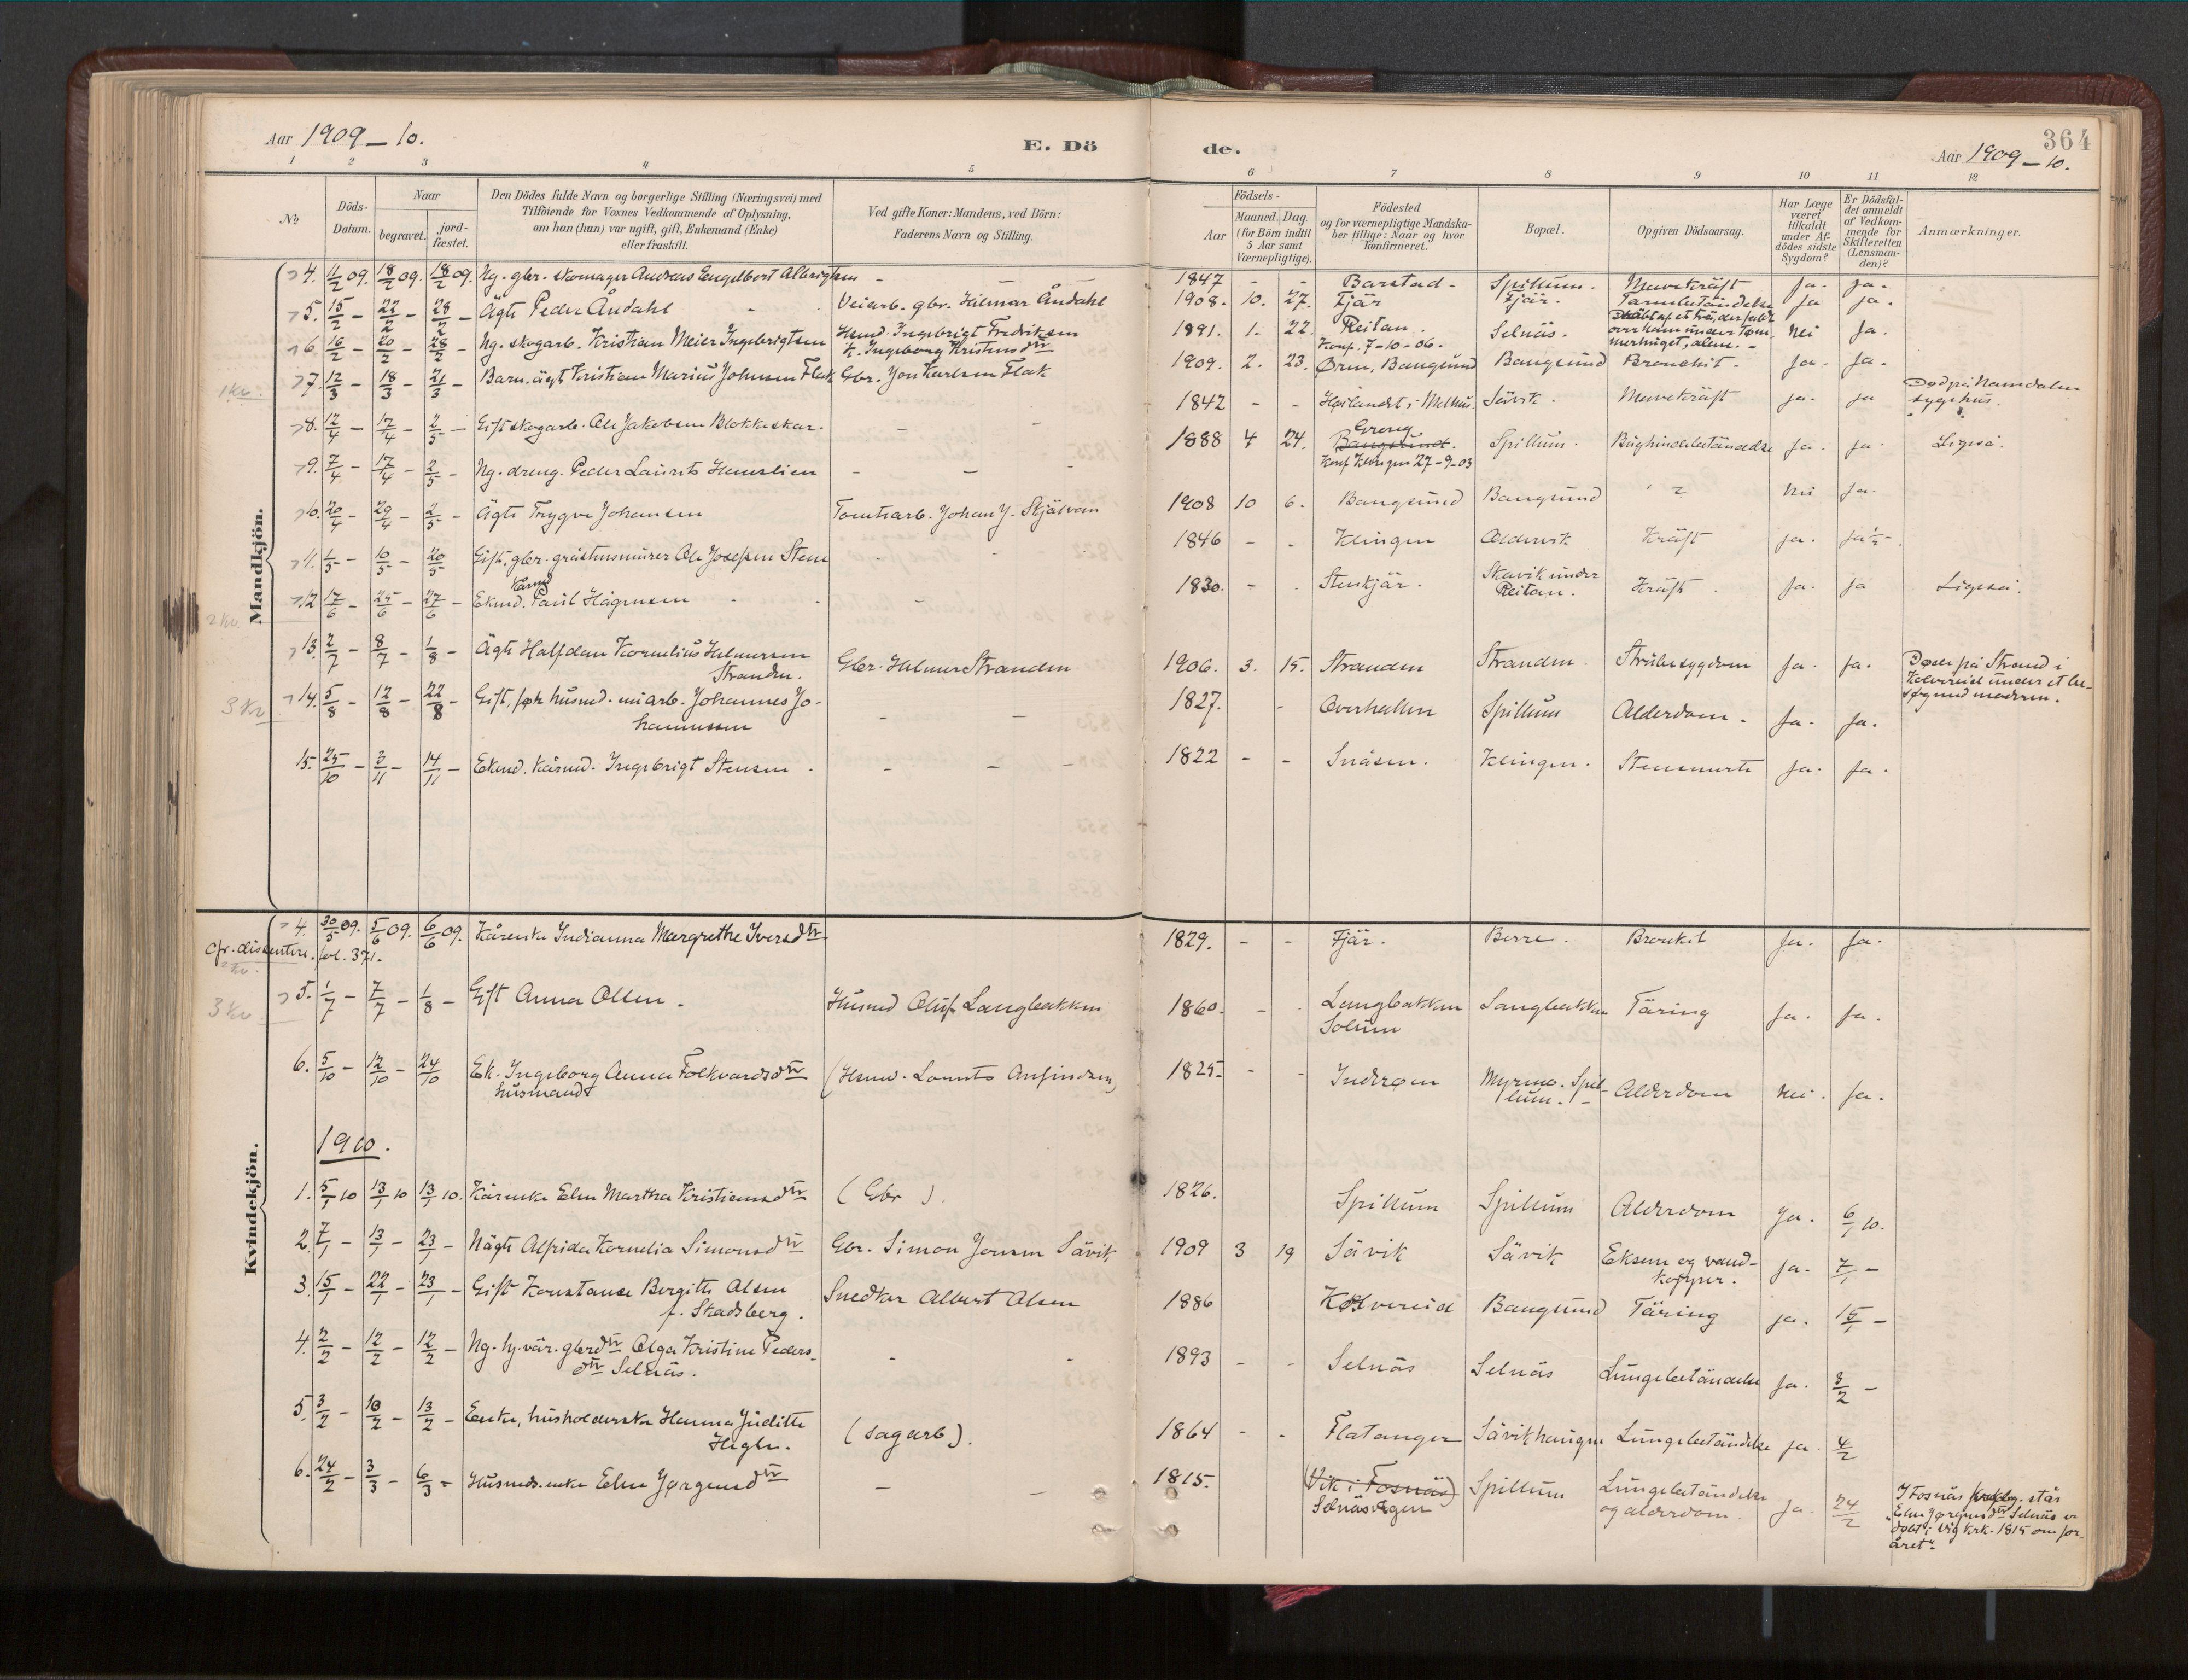 SAT, Ministerialprotokoller, klokkerbøker og fødselsregistre - Nord-Trøndelag, 770/L0589: Ministerialbok nr. 770A03, 1887-1929, s. 364